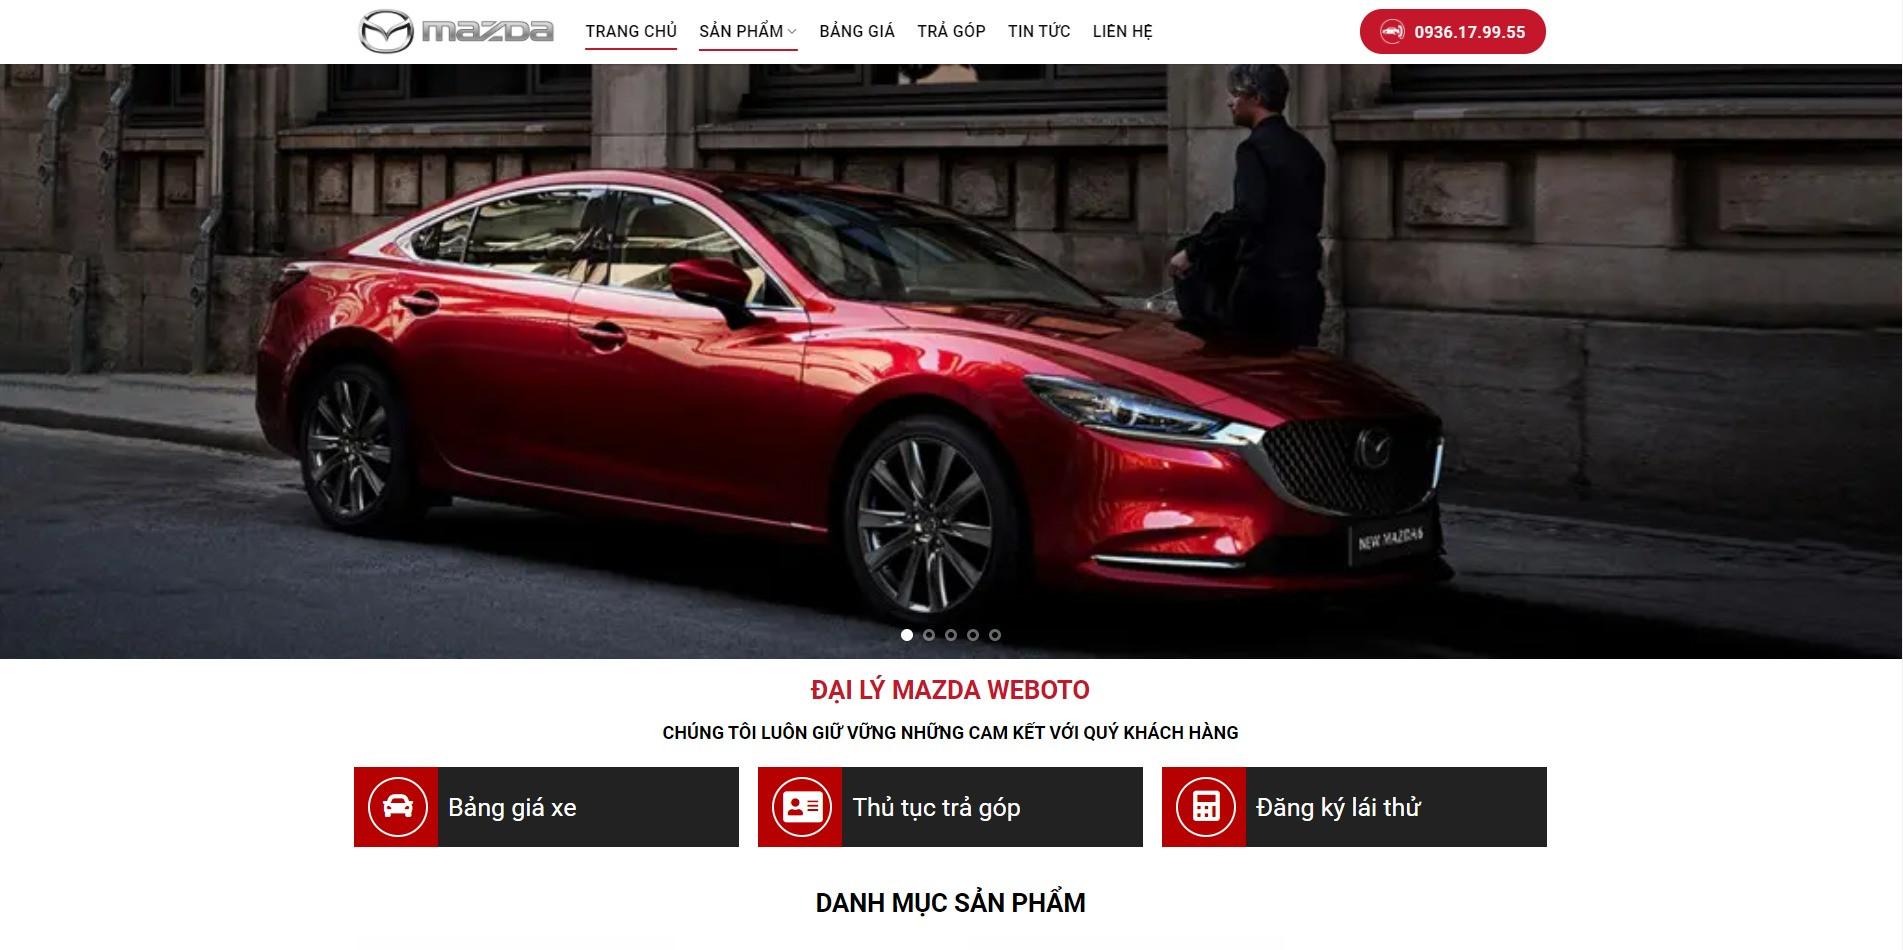 Trang chủ Website ô tô Mazda thiết kế bởi Weboto